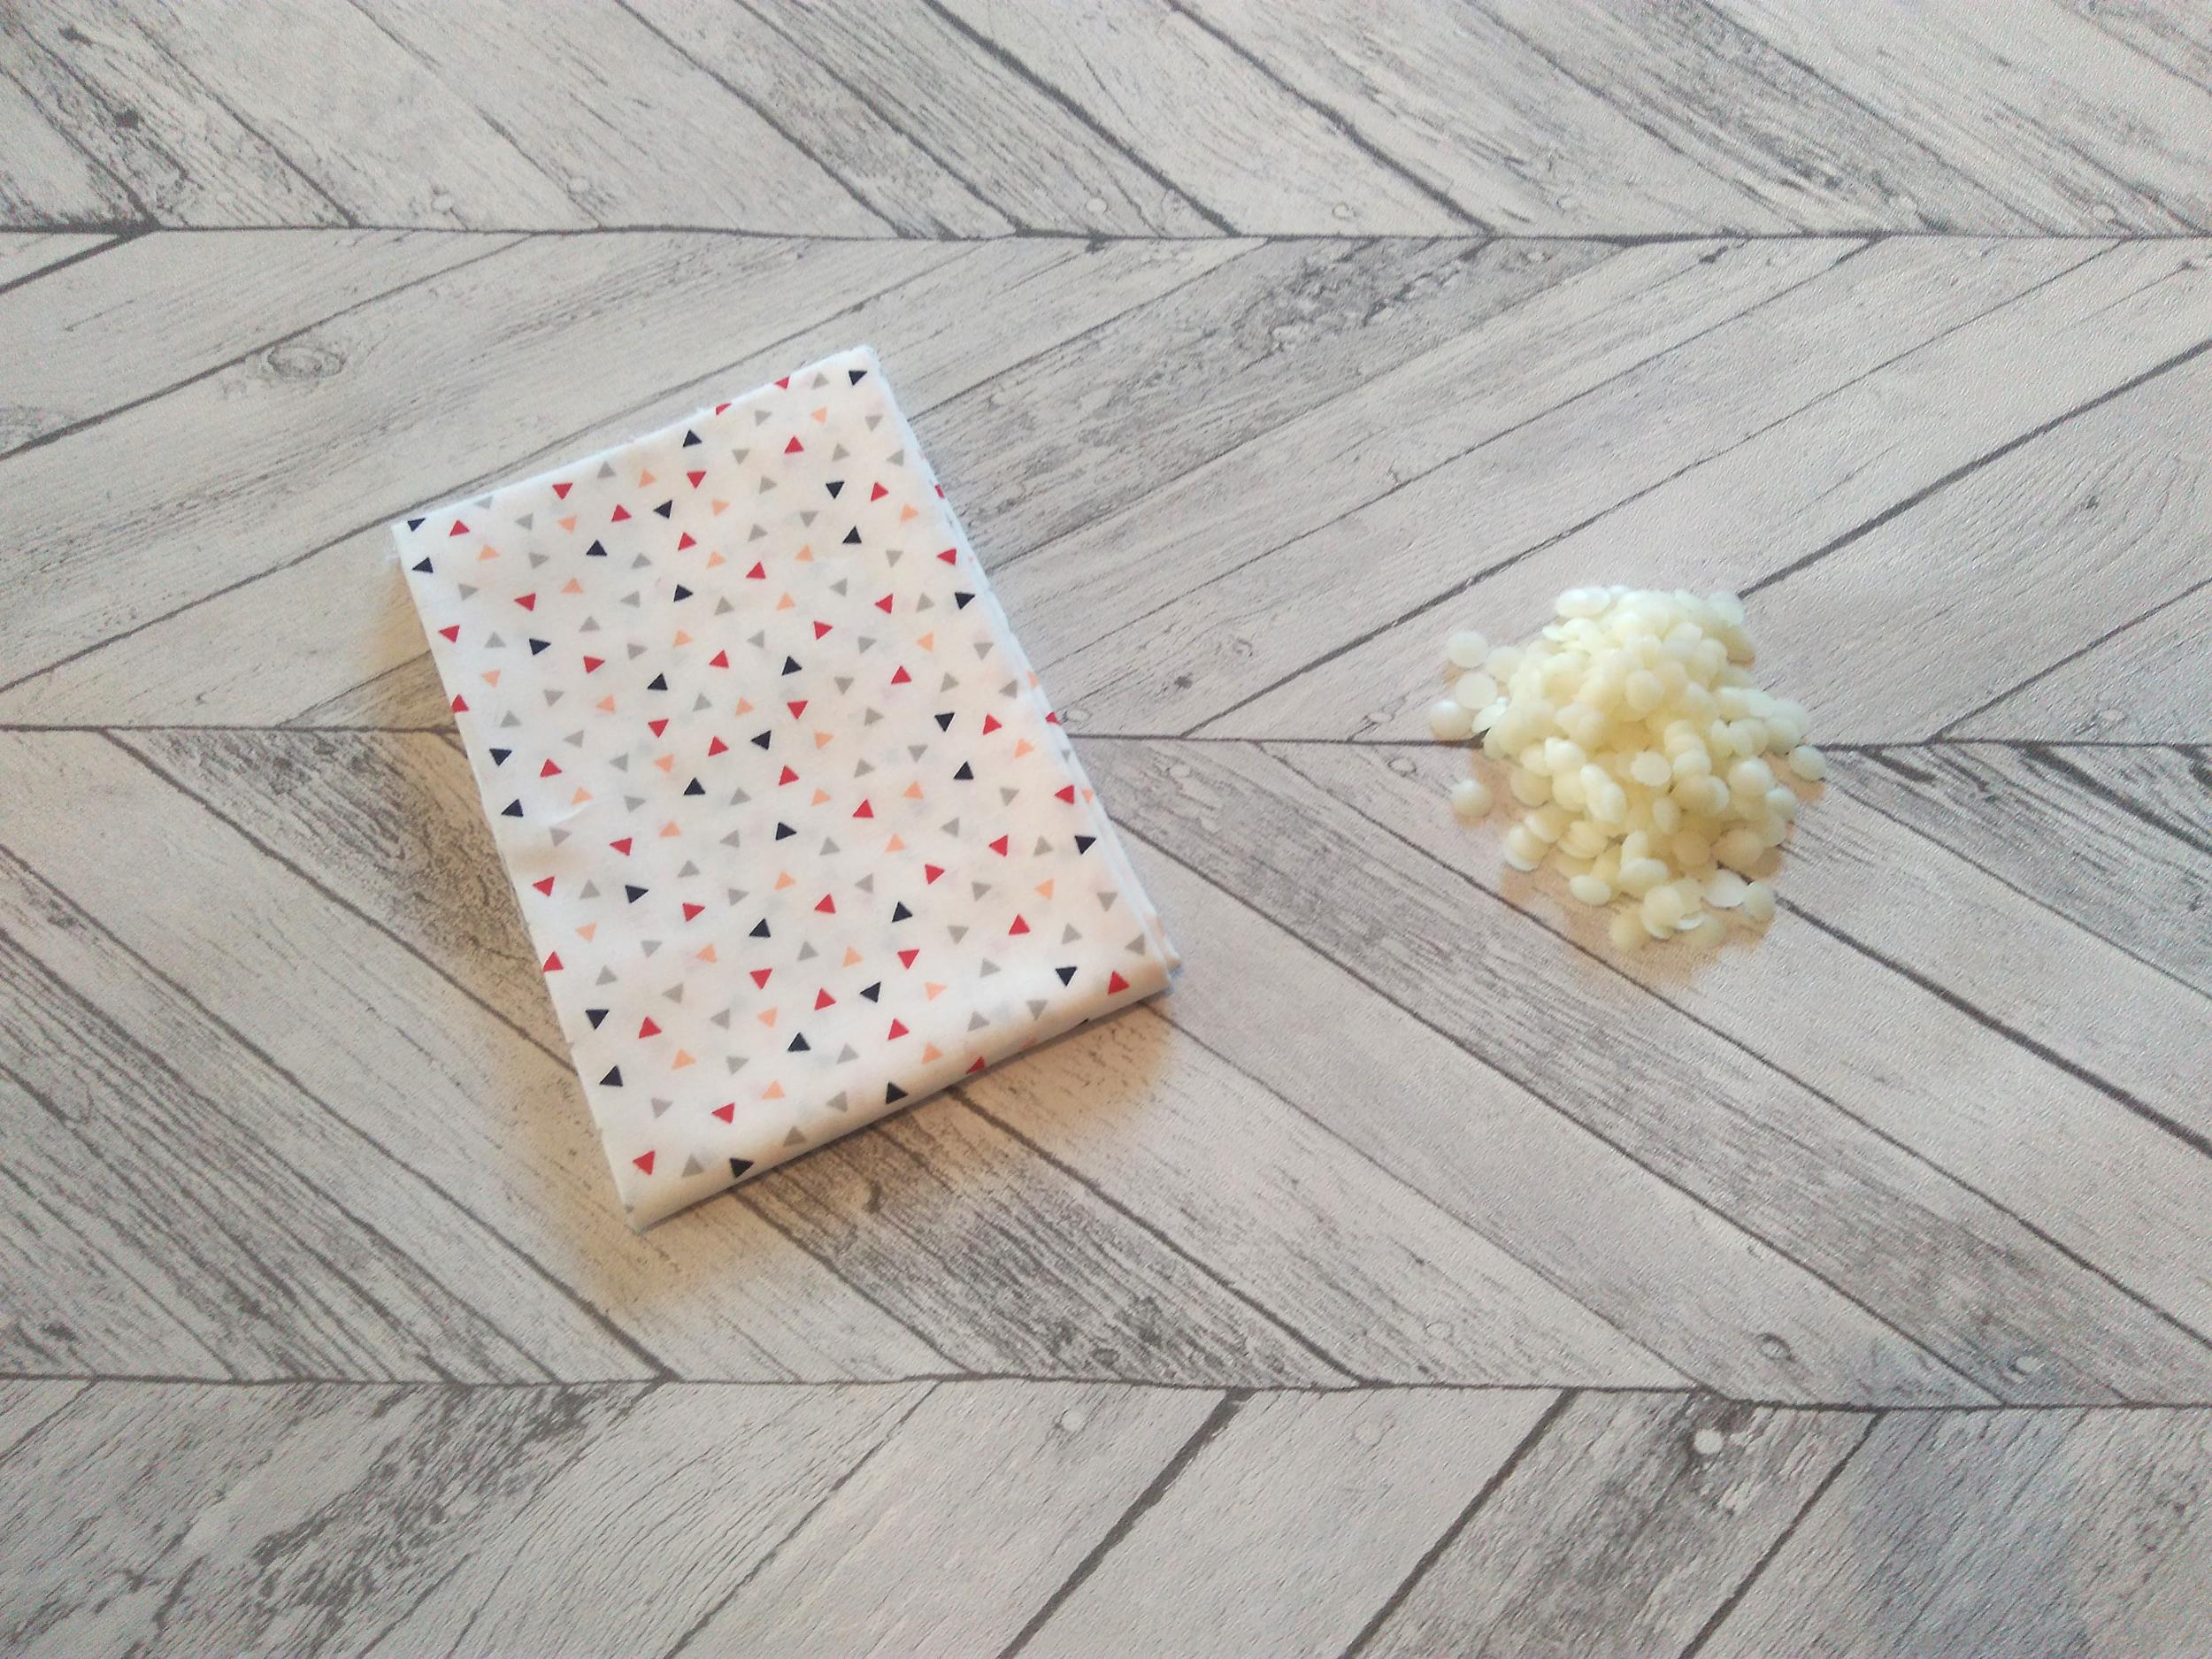 Comment Fabriquer Un Accroche Torchon fabriquer ses bee's wrap, emballages réutilisables – vie verte